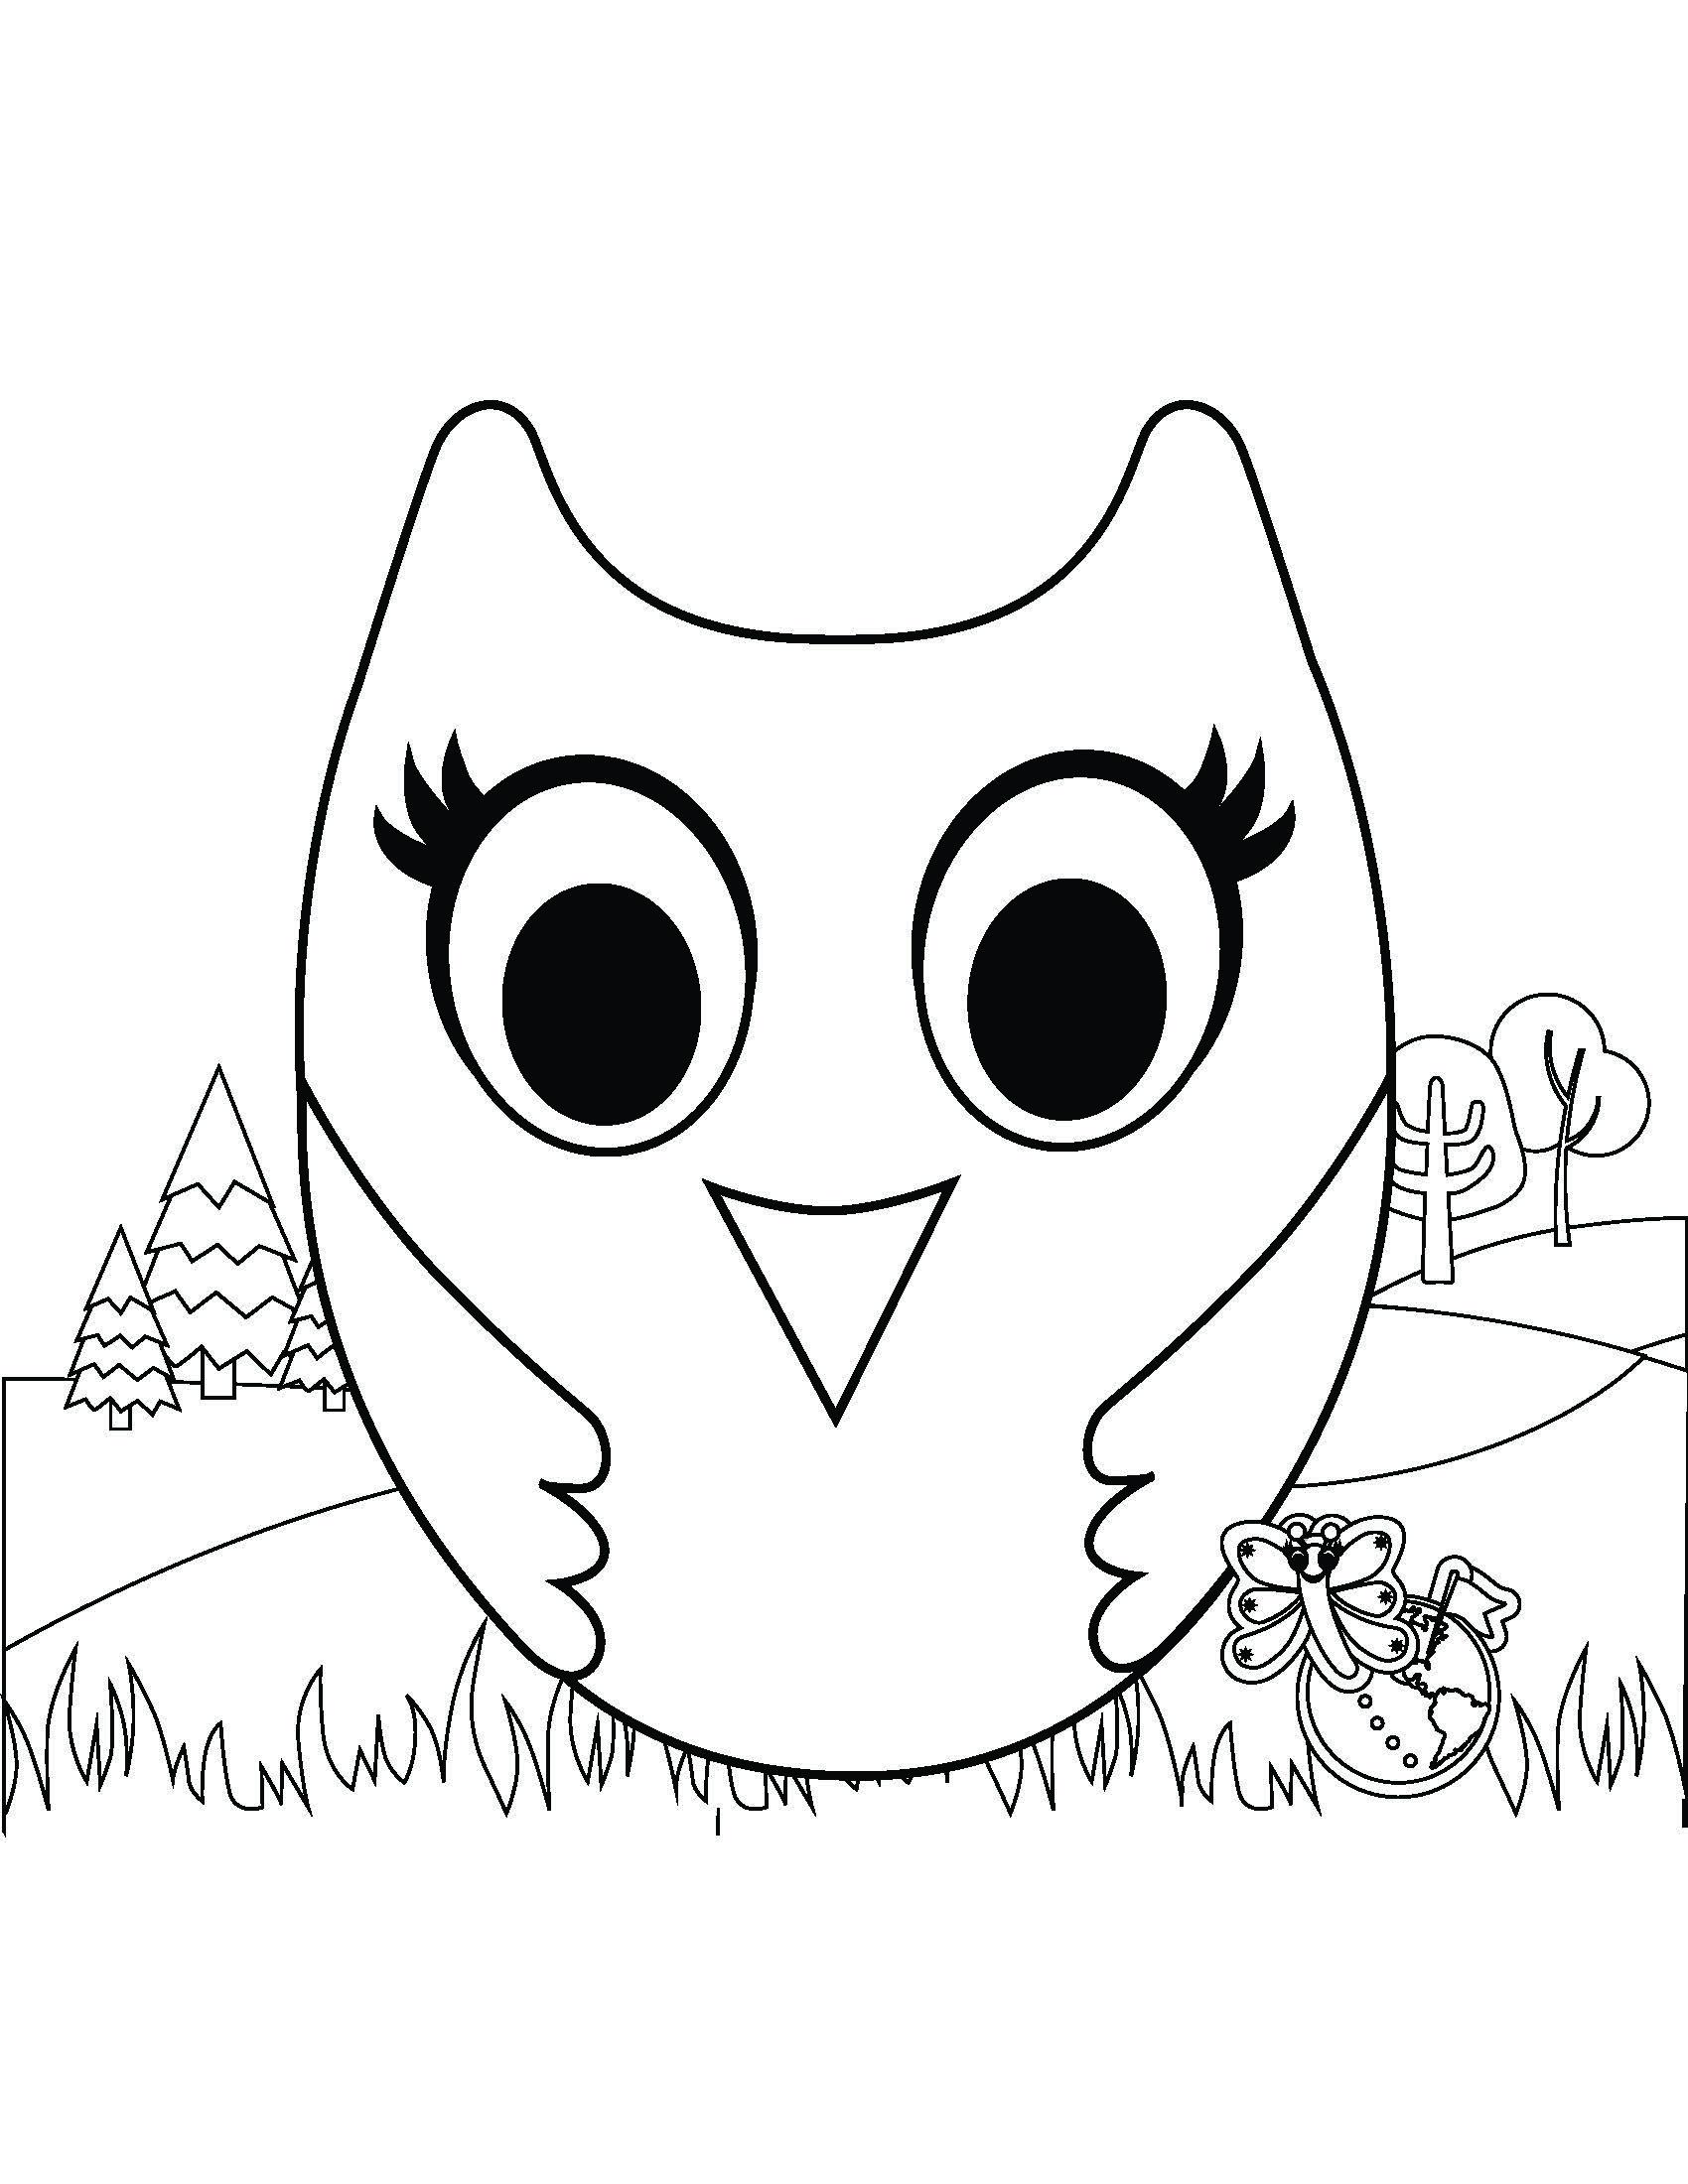 Hannah the Owl